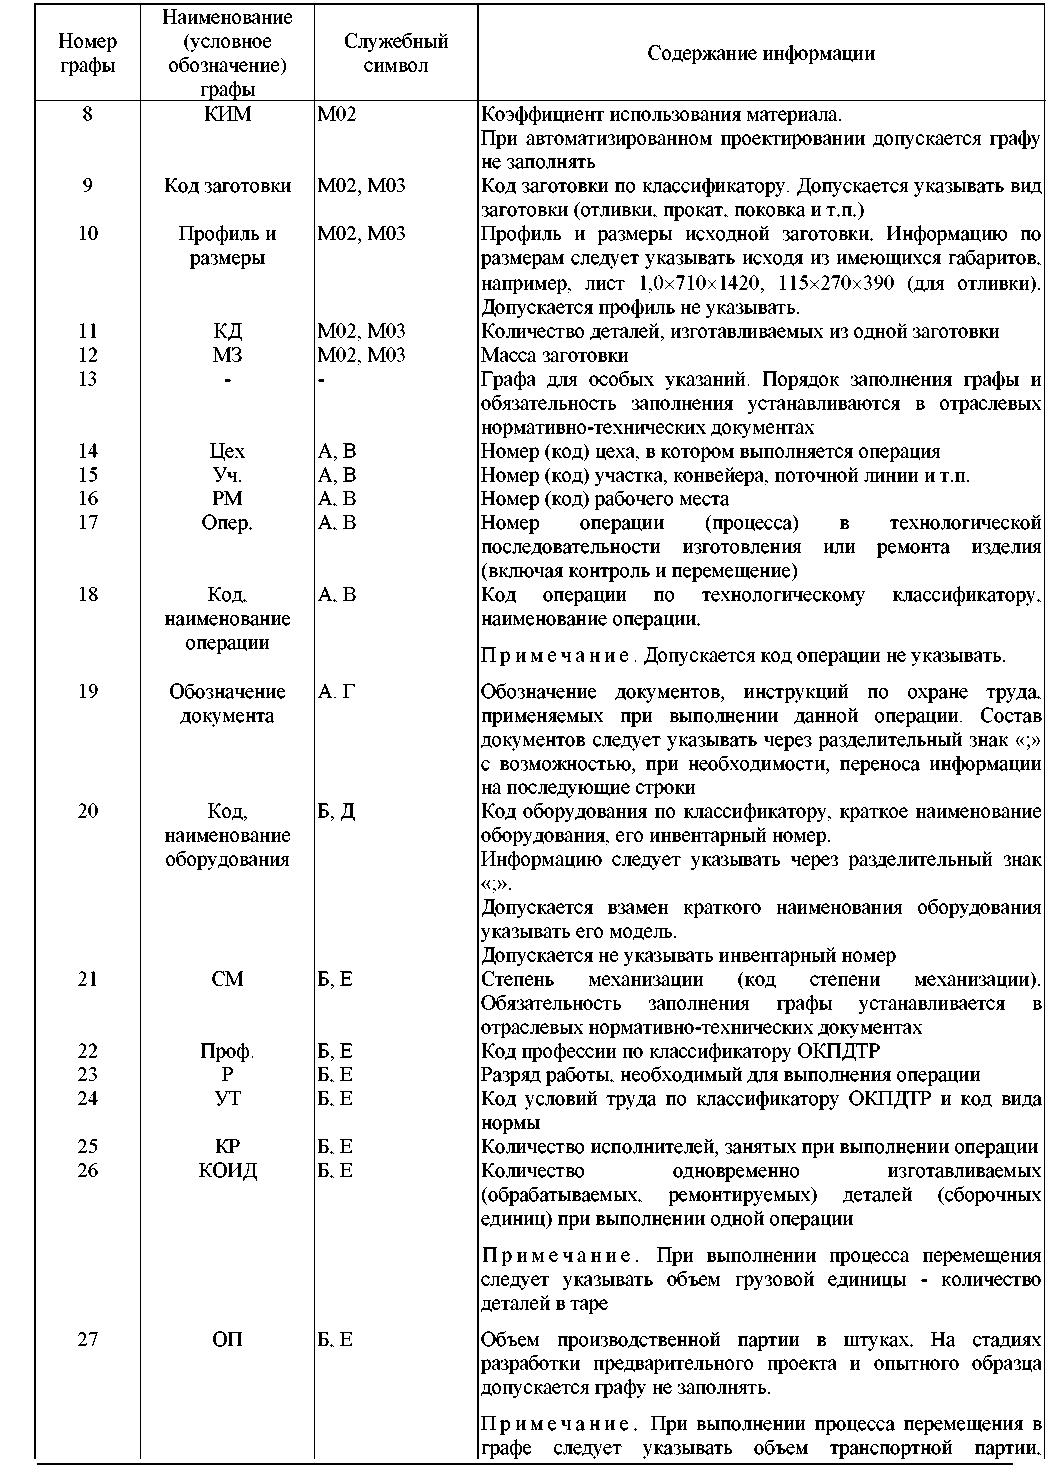 технологическая инструкция форма 5а doc